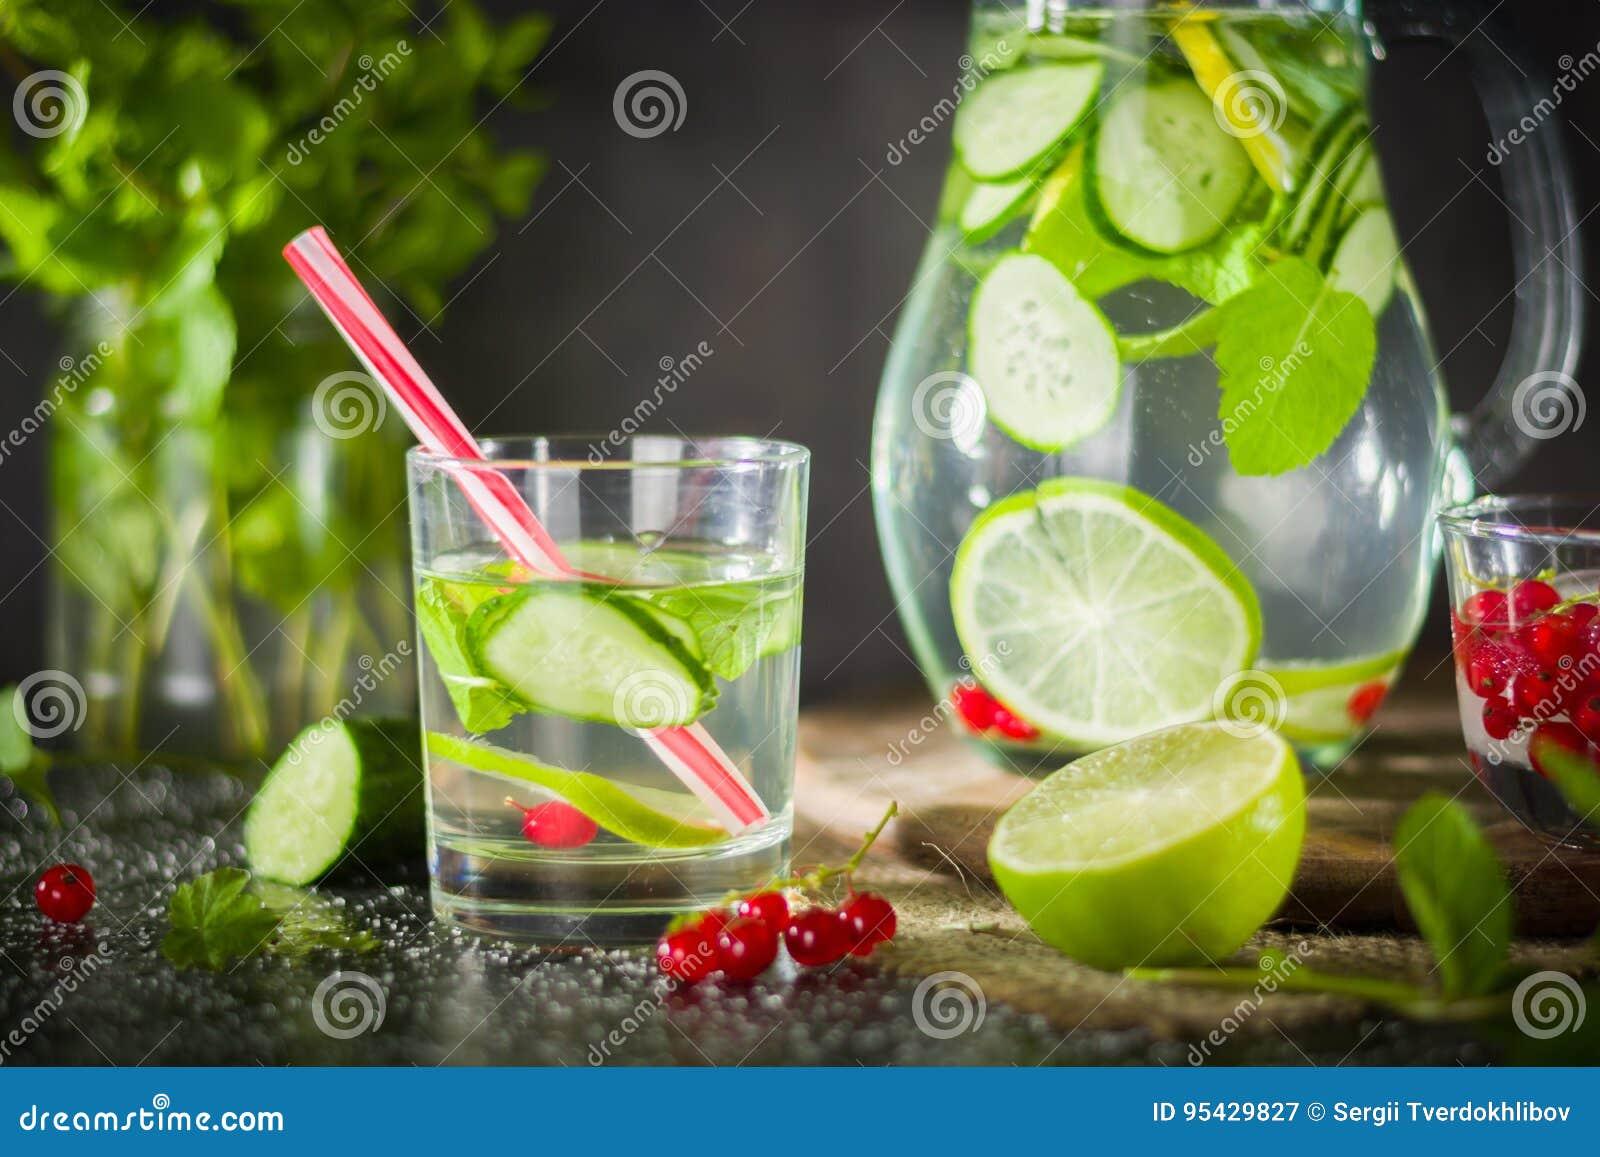 Vattendetox i en glass krus och ett exponeringsglas Nya gröna mintkaramell och bär En uppfriskande och sund drink